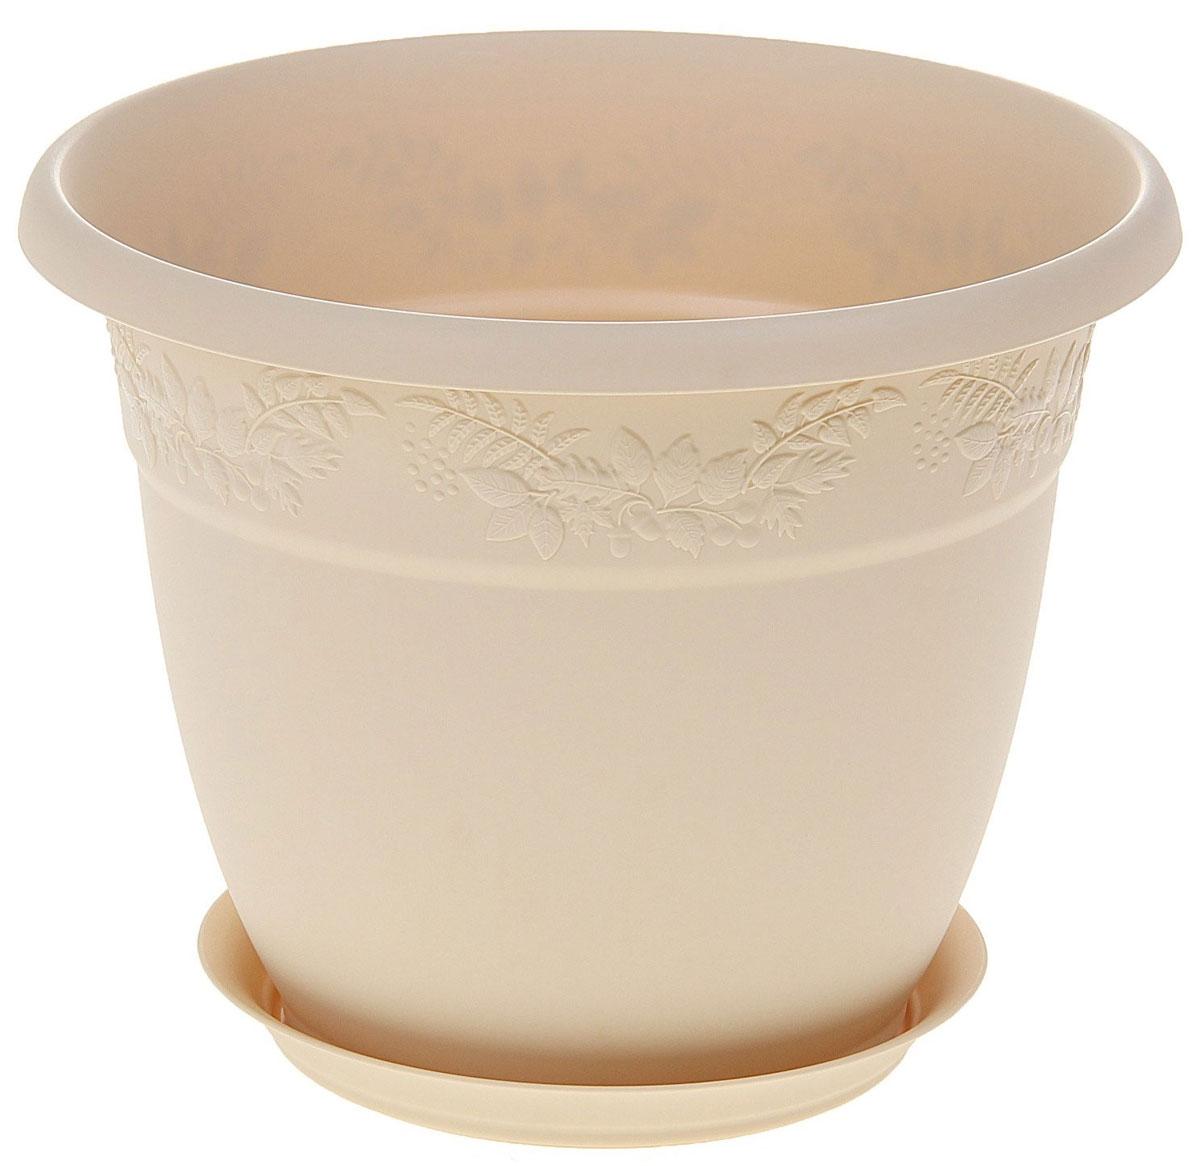 Кашпо Idea Рябина, с поддоном, цвет: белая глина, 14,7 лМ 3059Кашпо Idea Рябина изготовлено из высококачественного полипропилена (пластика). Специальный поддон предназначен для стока воды. Изделие прекрасно подходит для выращивания растений и цветов в домашних условиях. Лаконичный дизайн впишется в интерьер любого помещения. Диаметр поддона: 24 см. Объем кашпо: 14,7 л. Диаметр кашпо по верхнему краю: 35 см. Высота кашпо: 28 см.